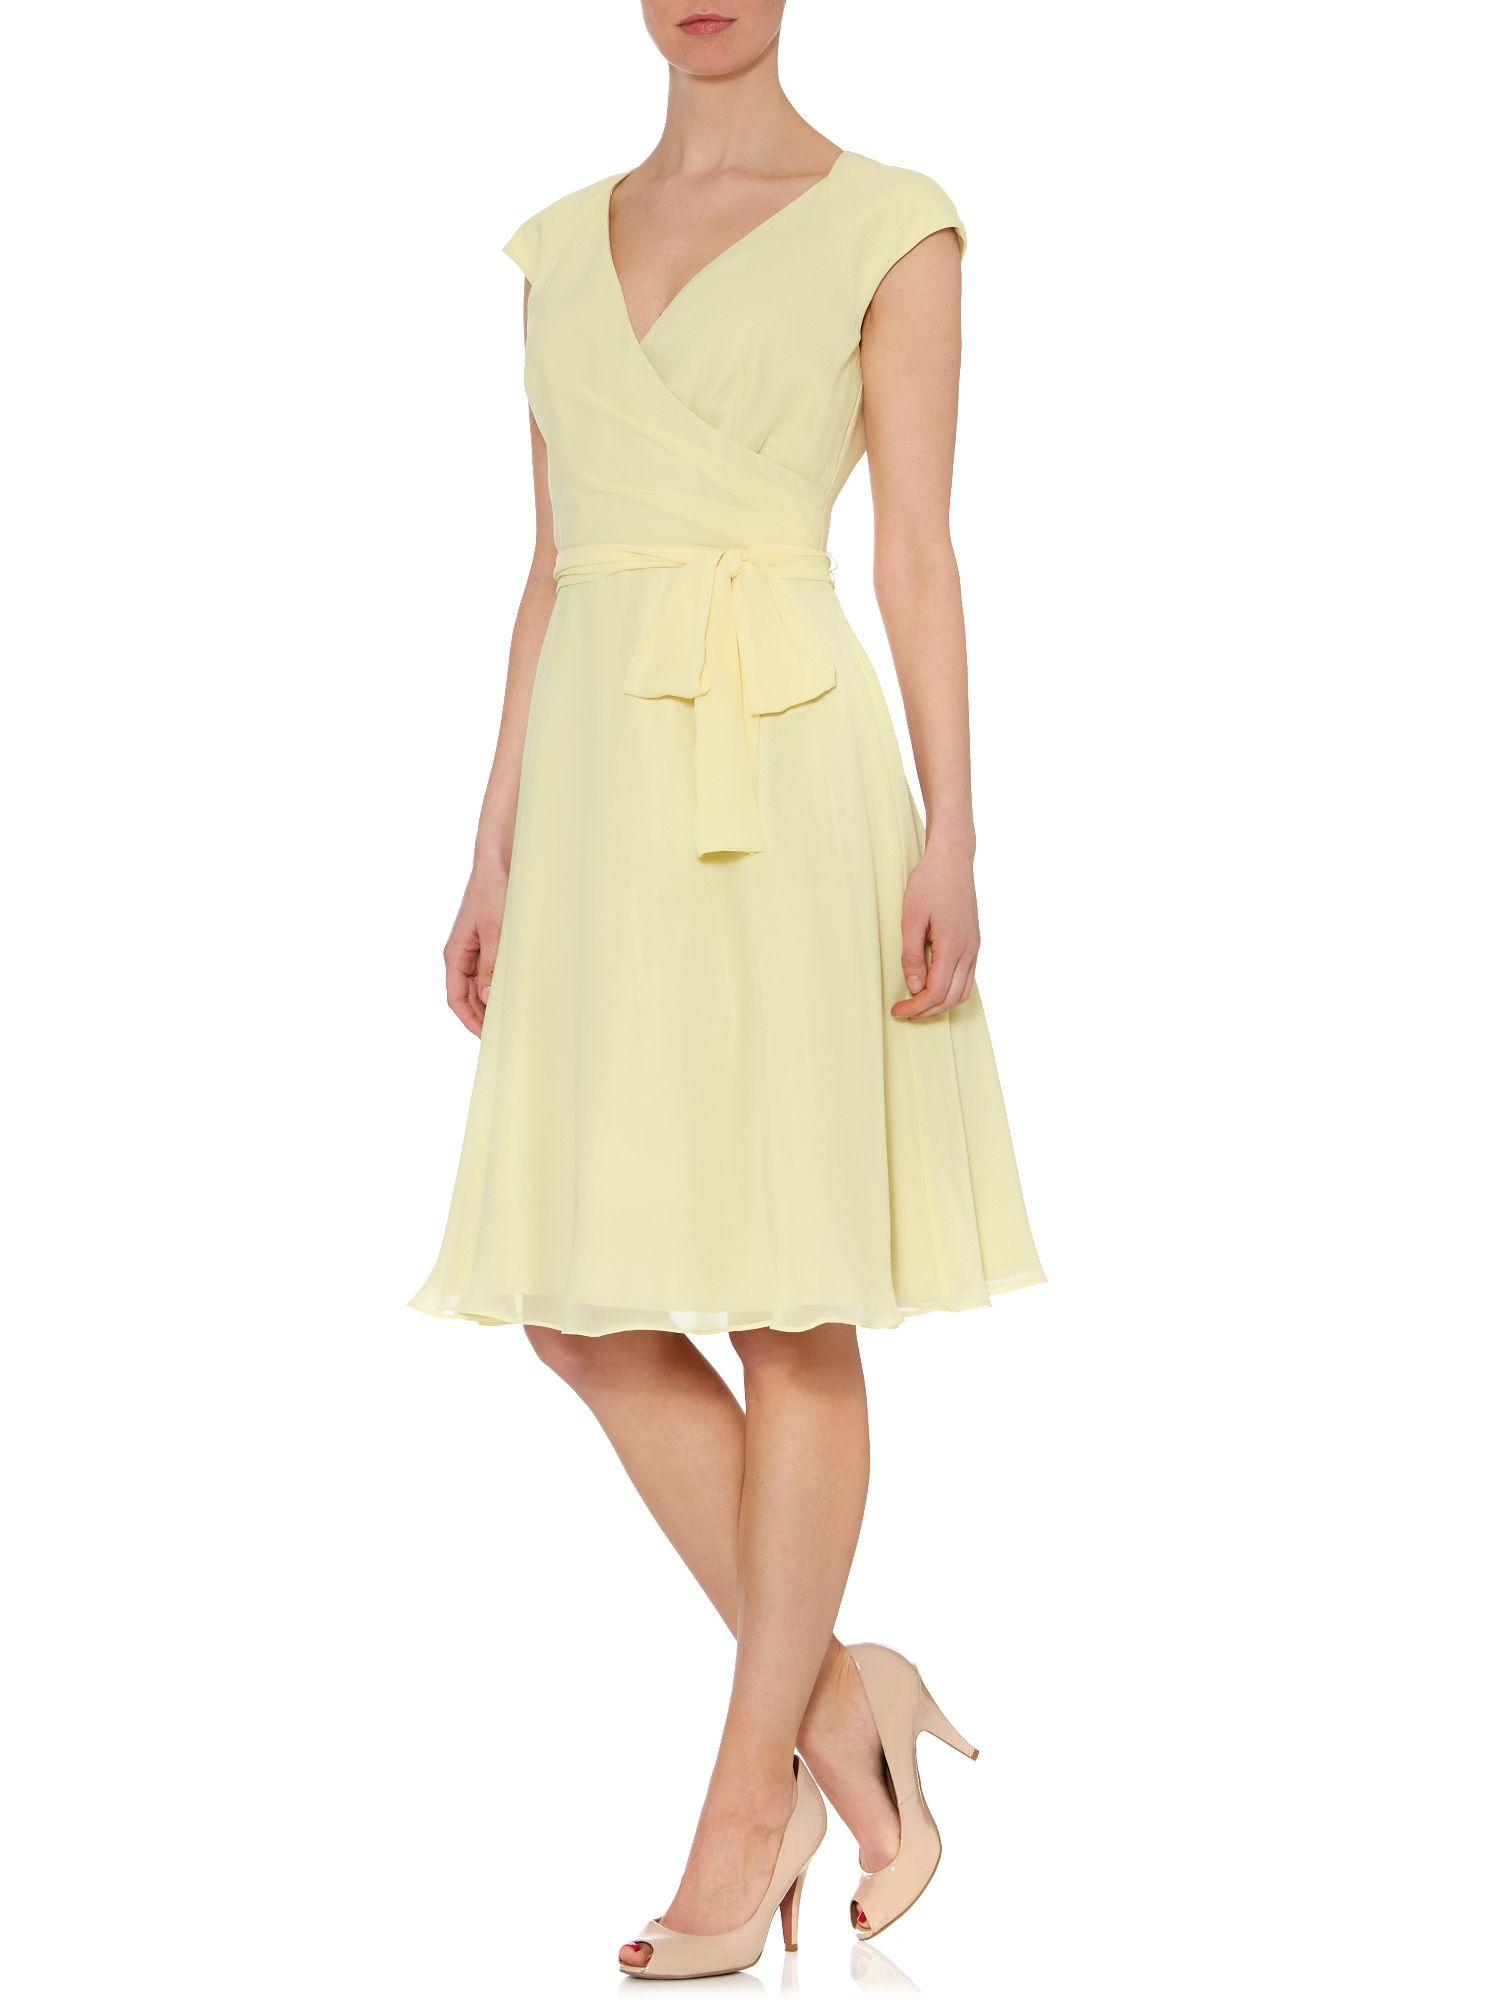 Ariella Bridesmaid Cap Sleeve Prom Dress in Yellow Lemon